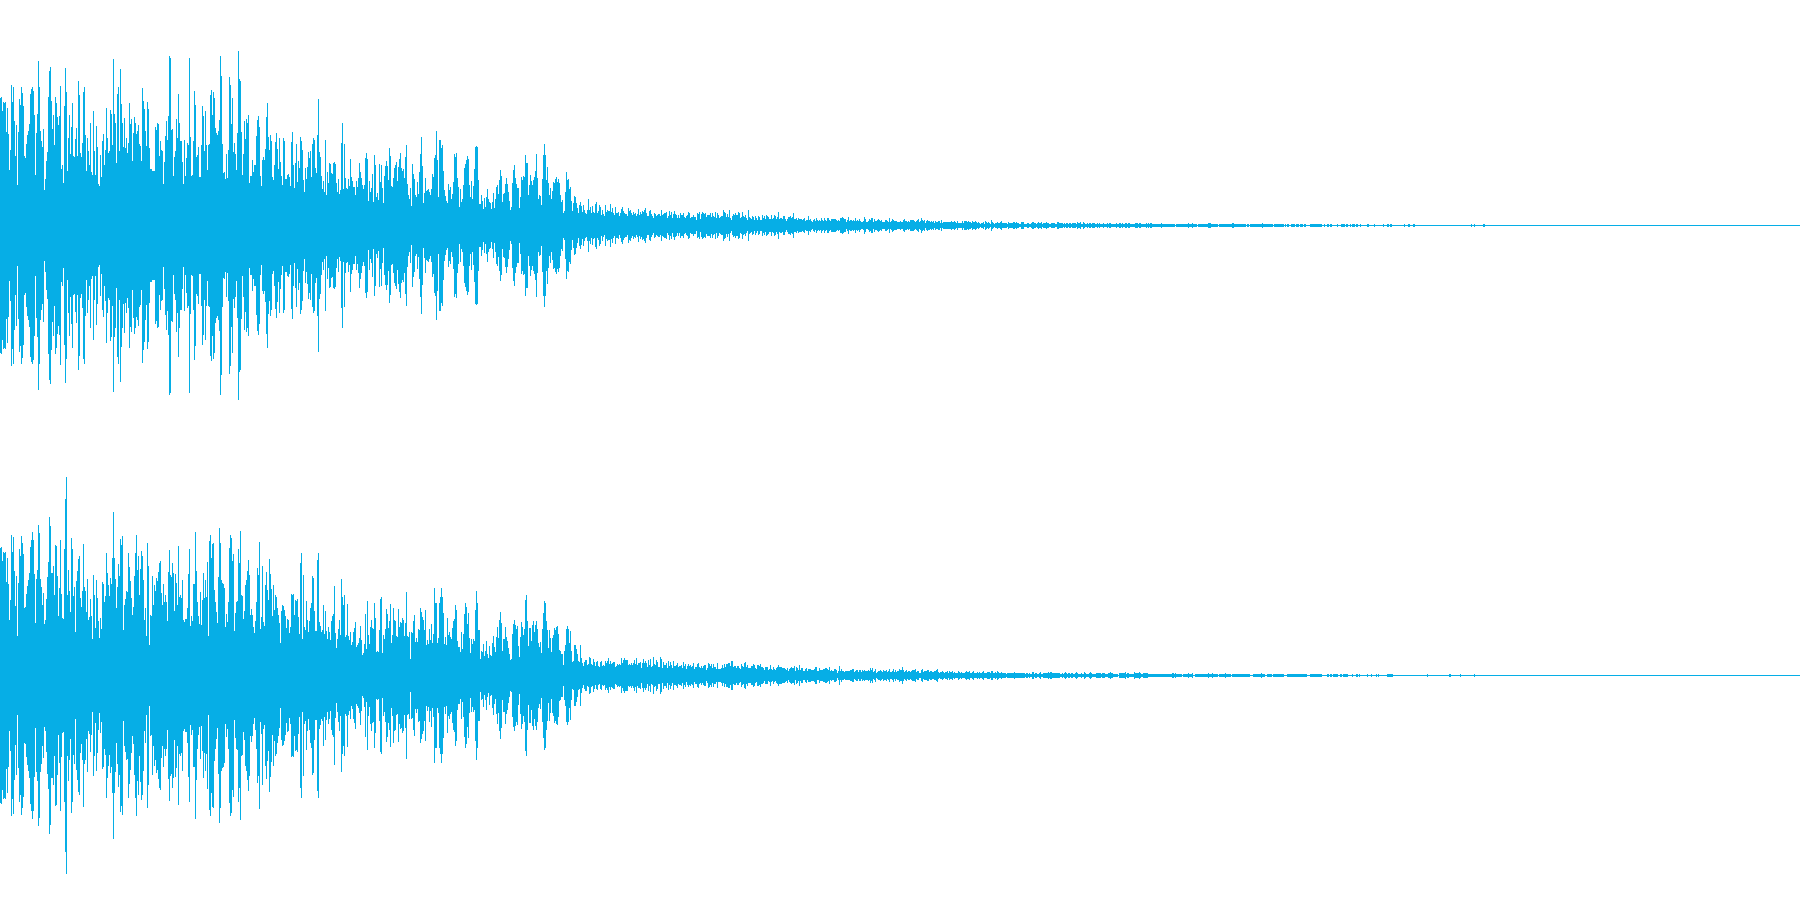 バシュン(出現/敵/戦闘開始)の再生済みの波形